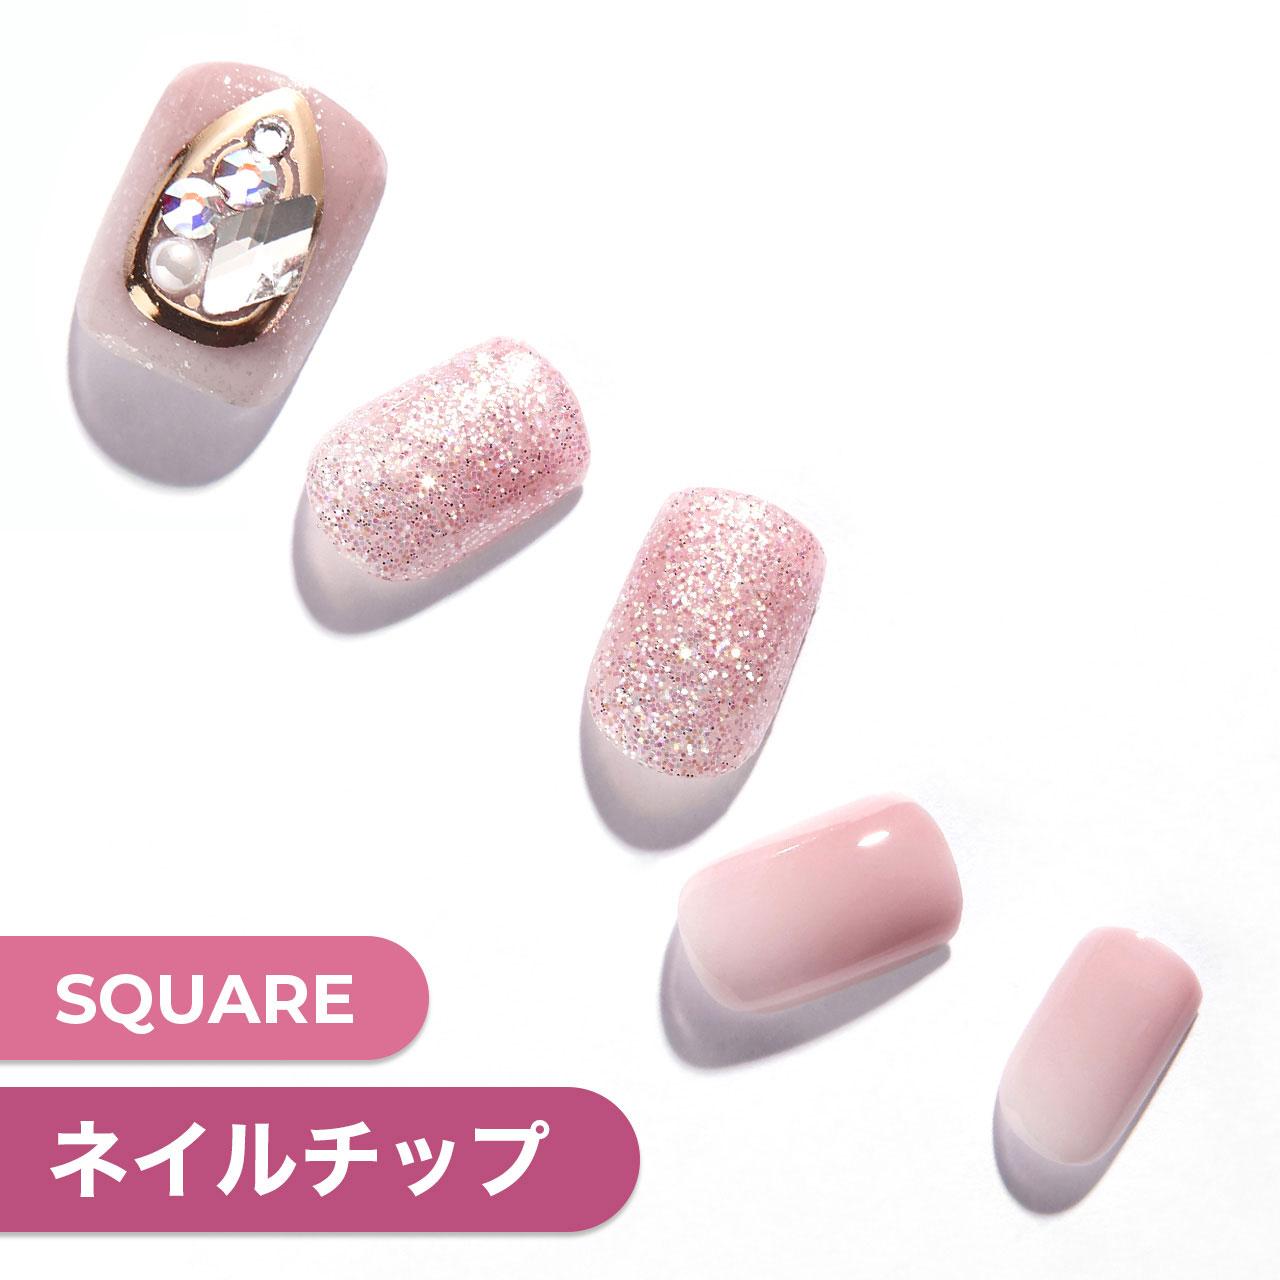 【Beatrice】ダッシングディバマジックプレス